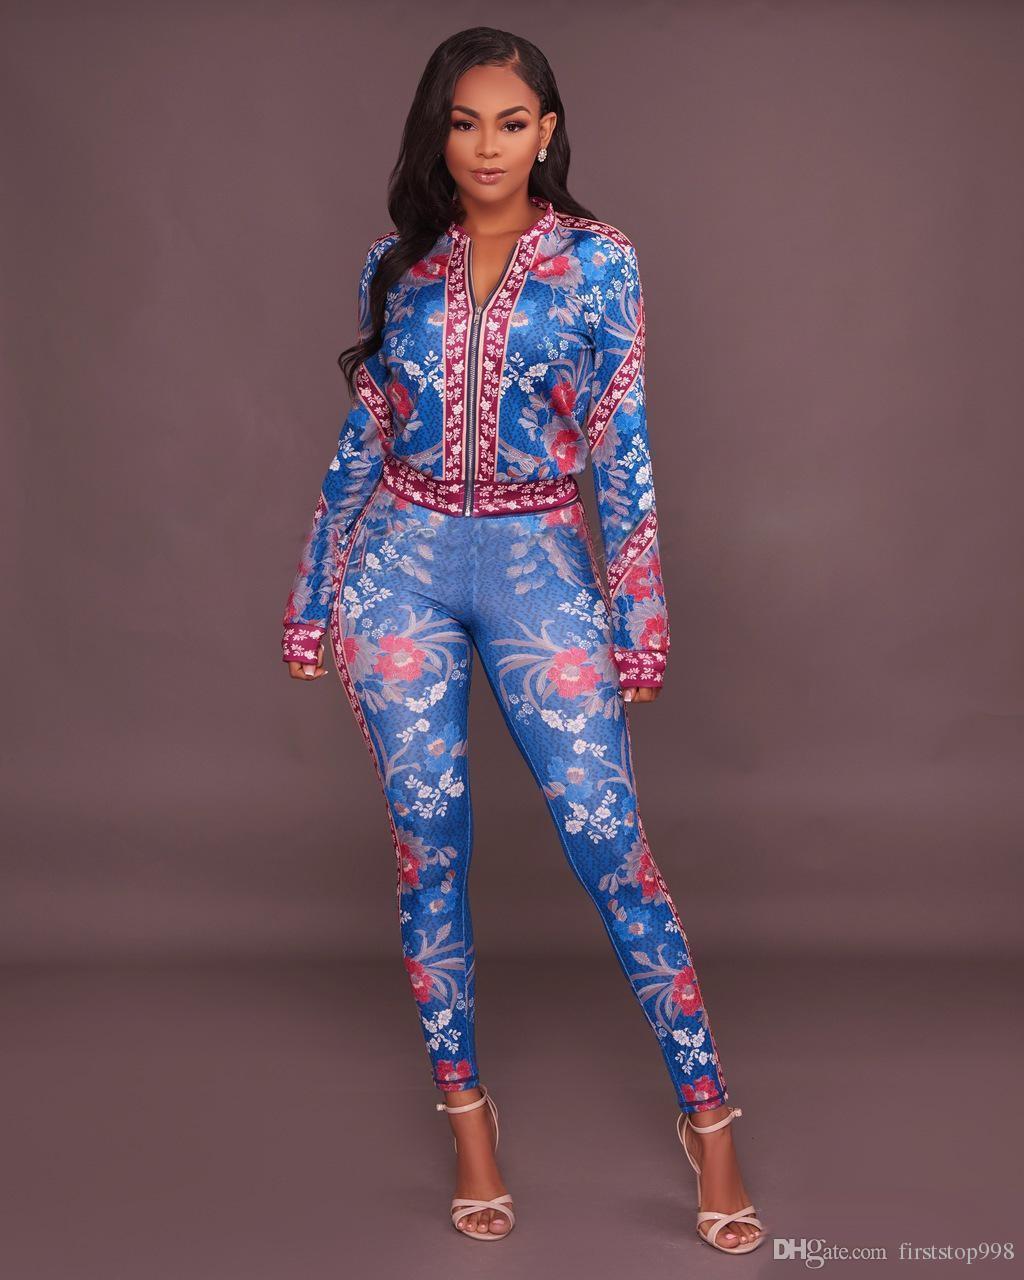 6b641f5892de Acquista 2017 Fashion Tuta Da Donna Set Due Pezzi Autunno Manica Lunga  Stampato Crop Top Pant Suit Casual Vestito Di Sudore Donne Il Tempo Libero  Plus Size ...